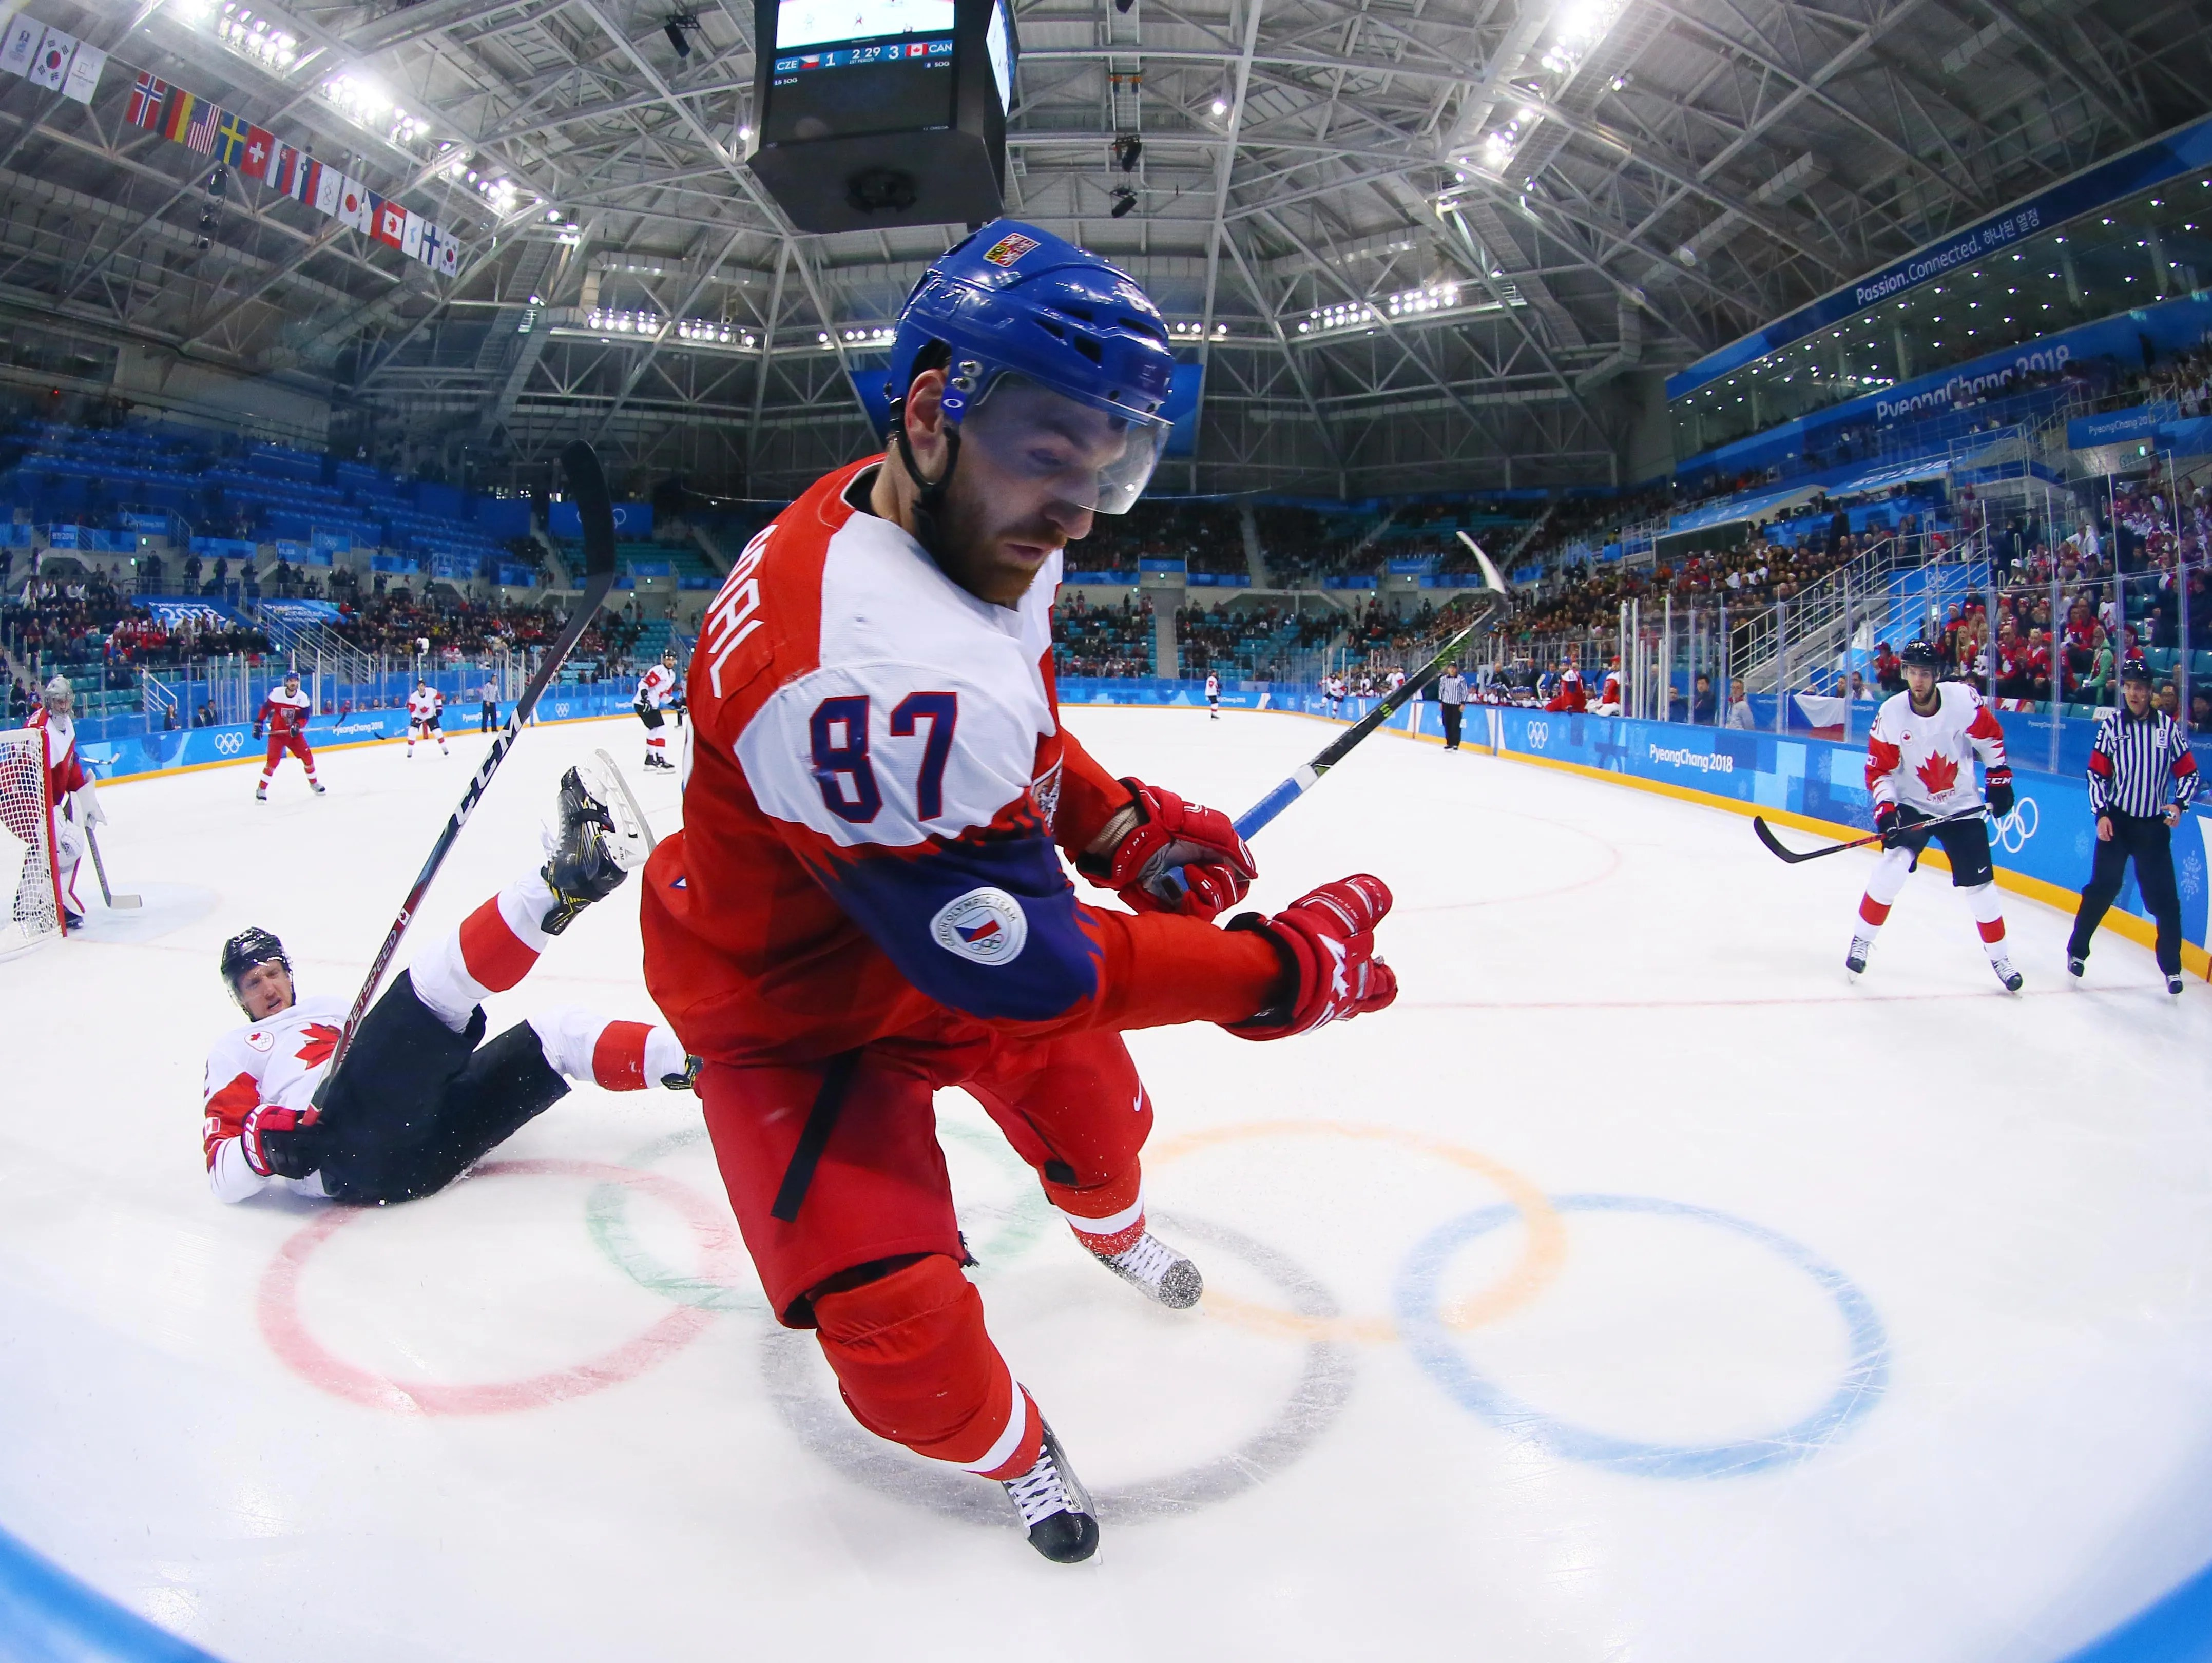 Hockey at the 2018 Winter Olympics